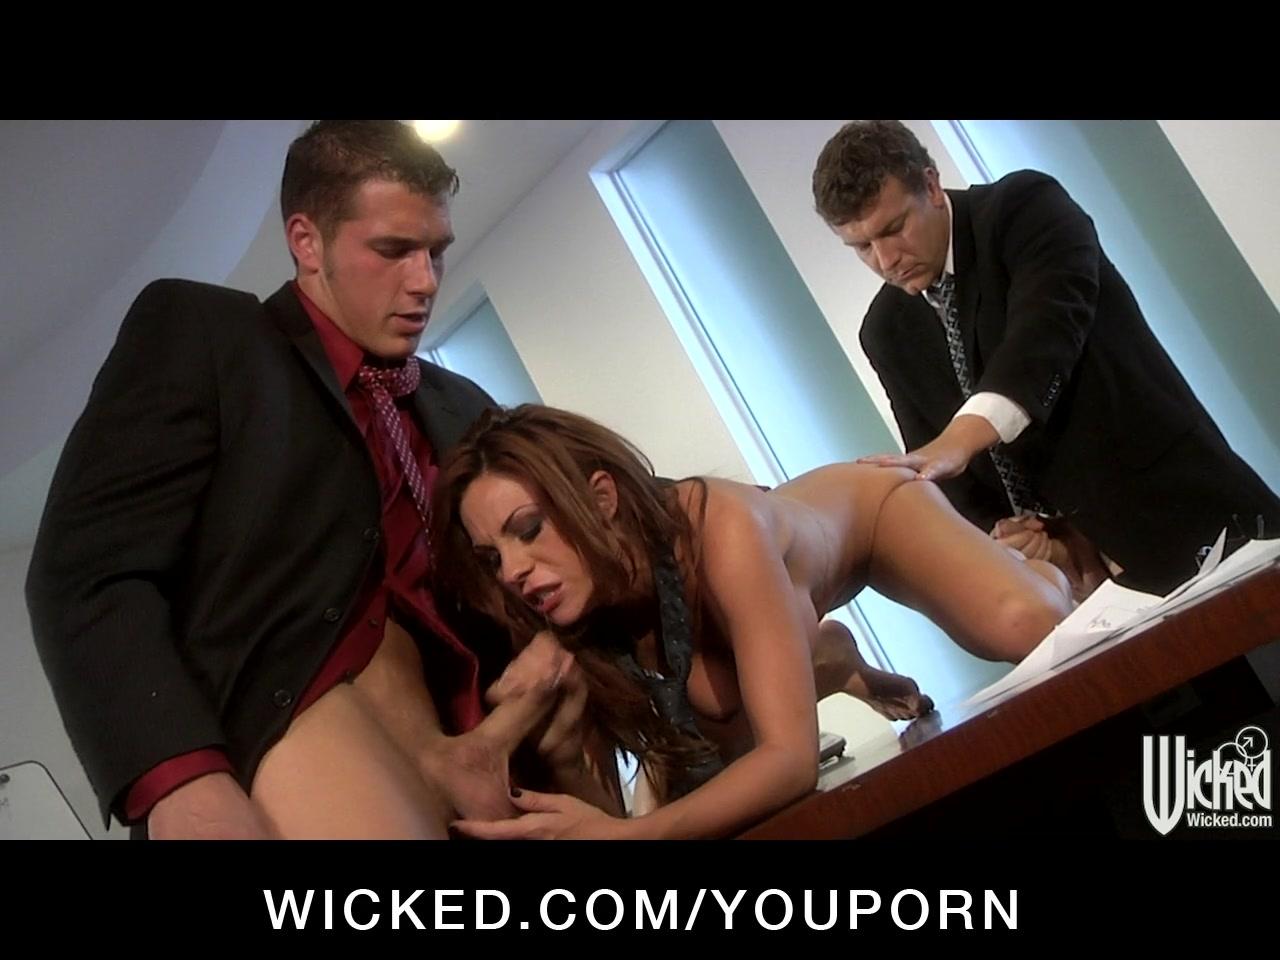 Erotic mind control videos